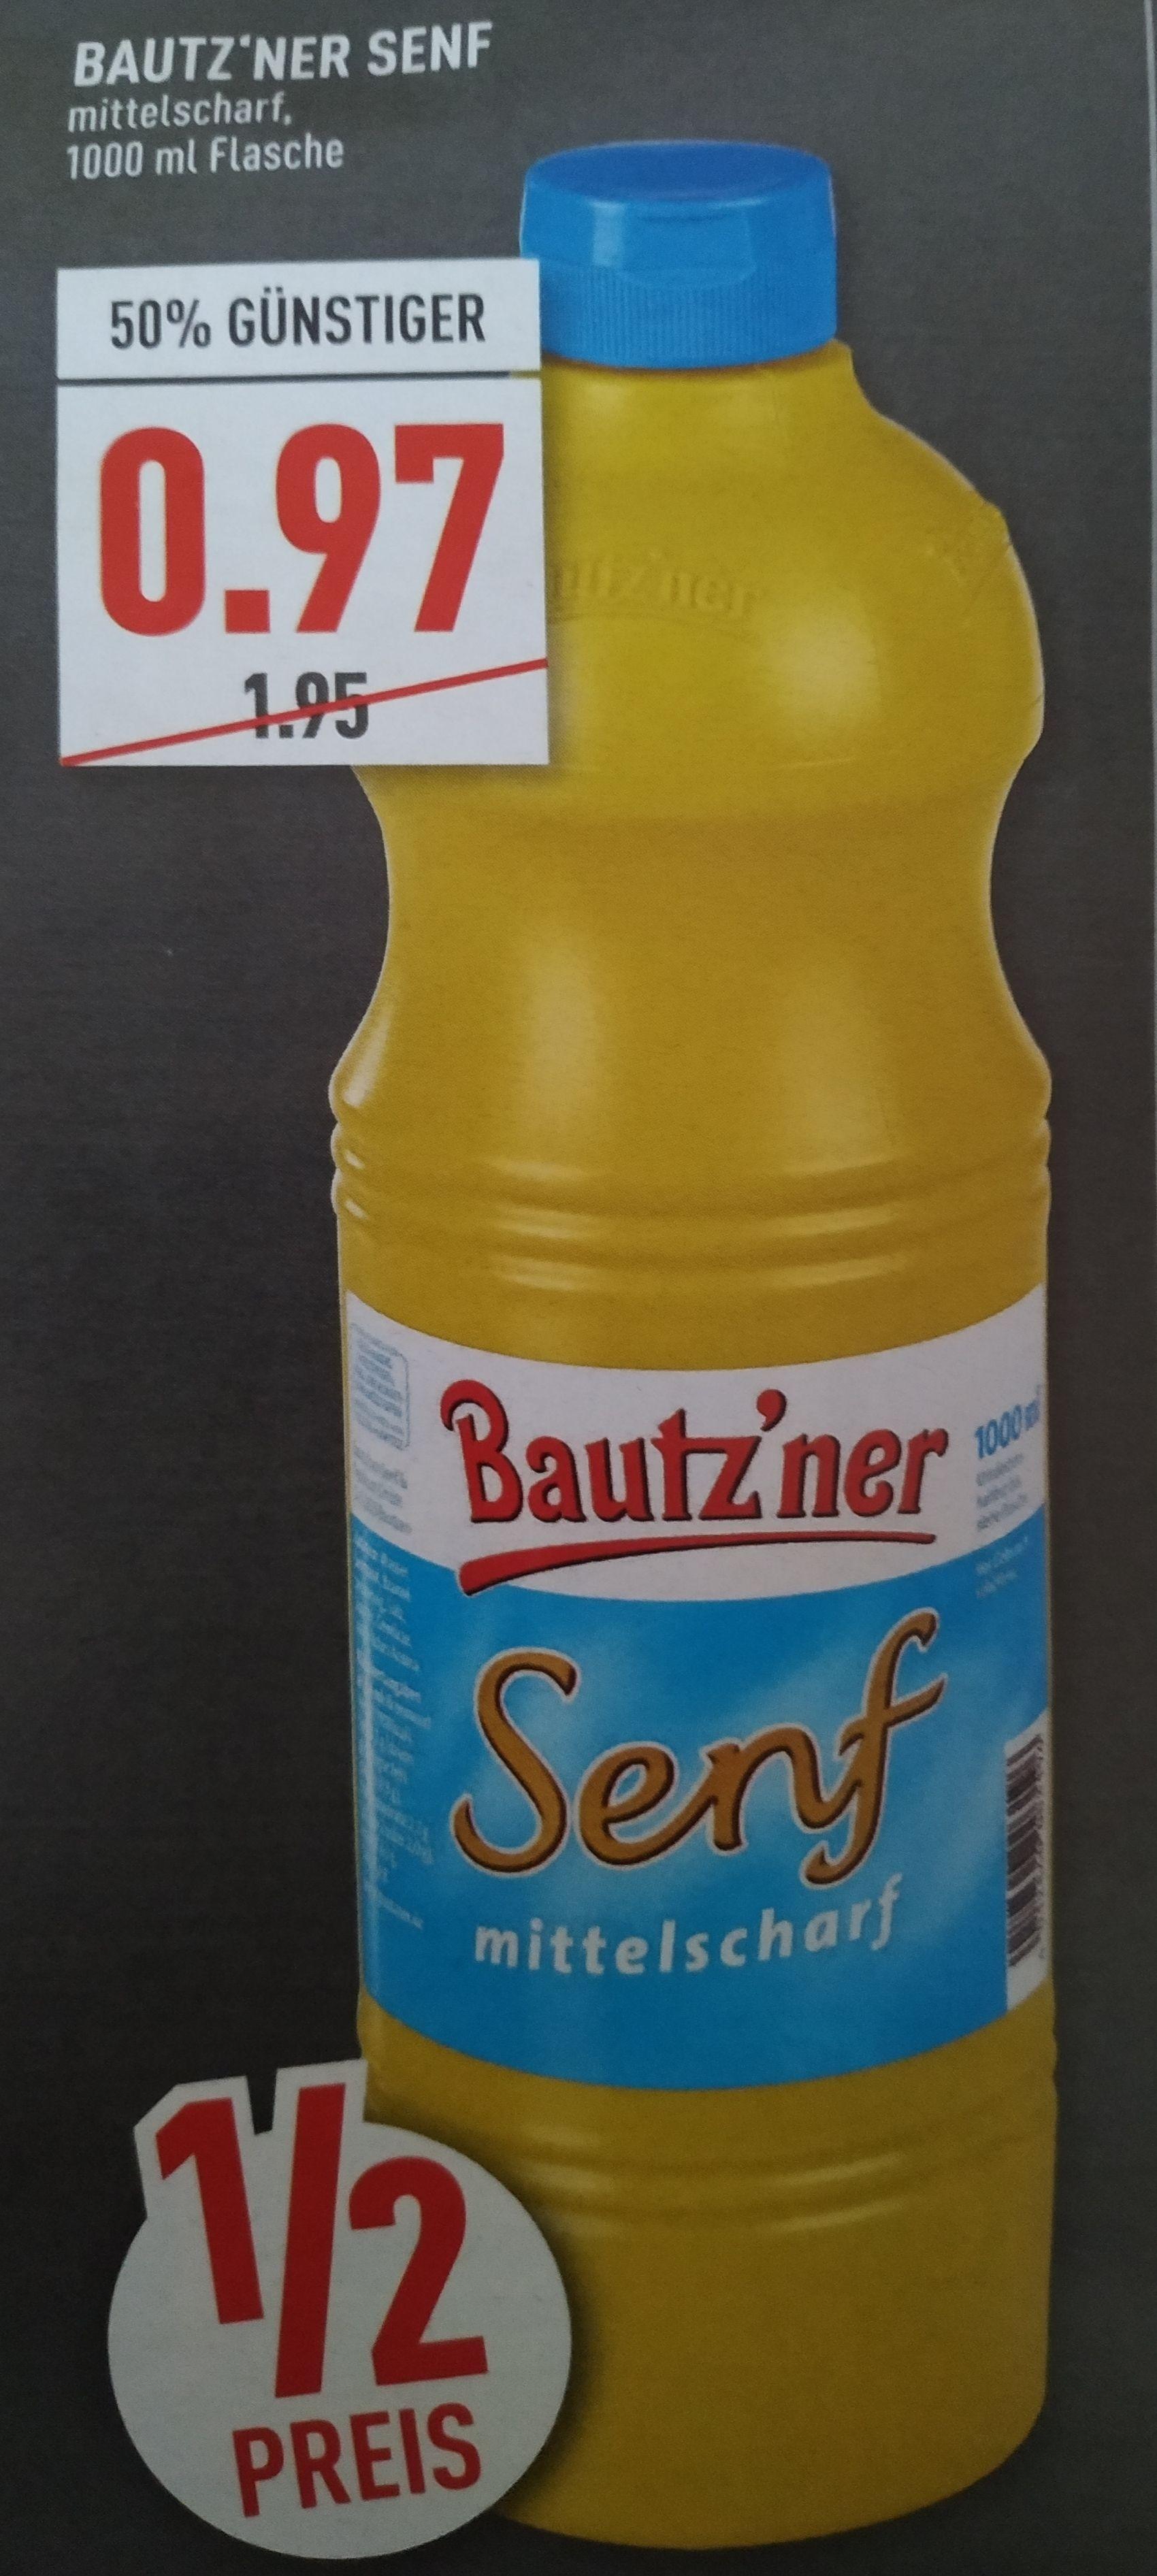 Bautz'ner Senf 1Liter (Marktkauf, vielleicht Bundesweit?)